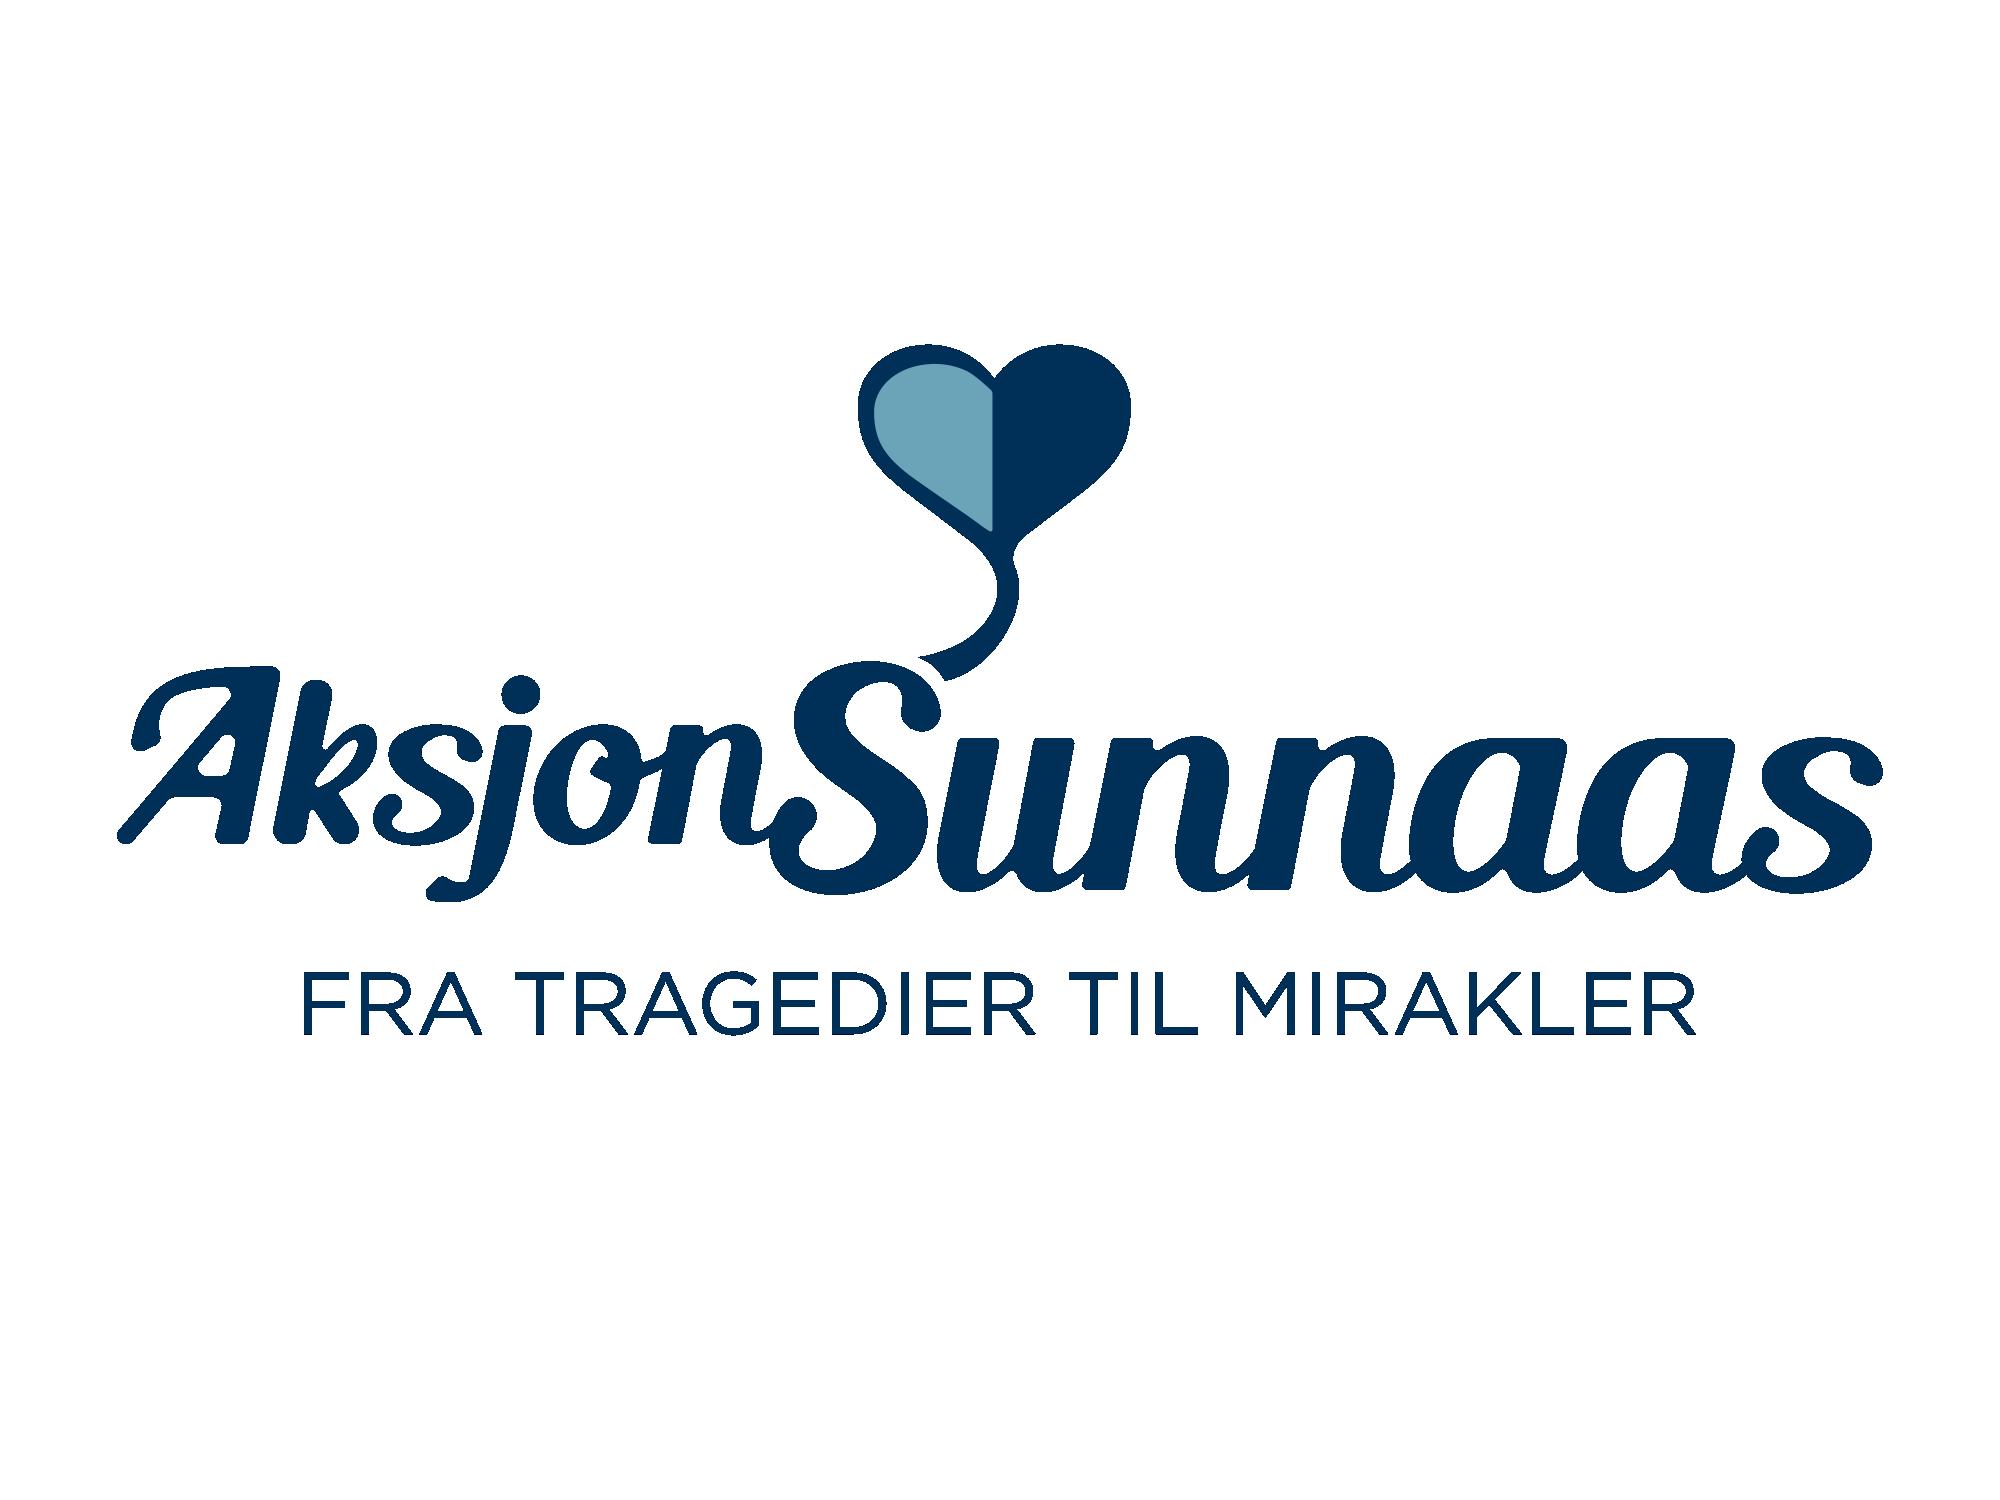 Logo Aksjon Sunnaas